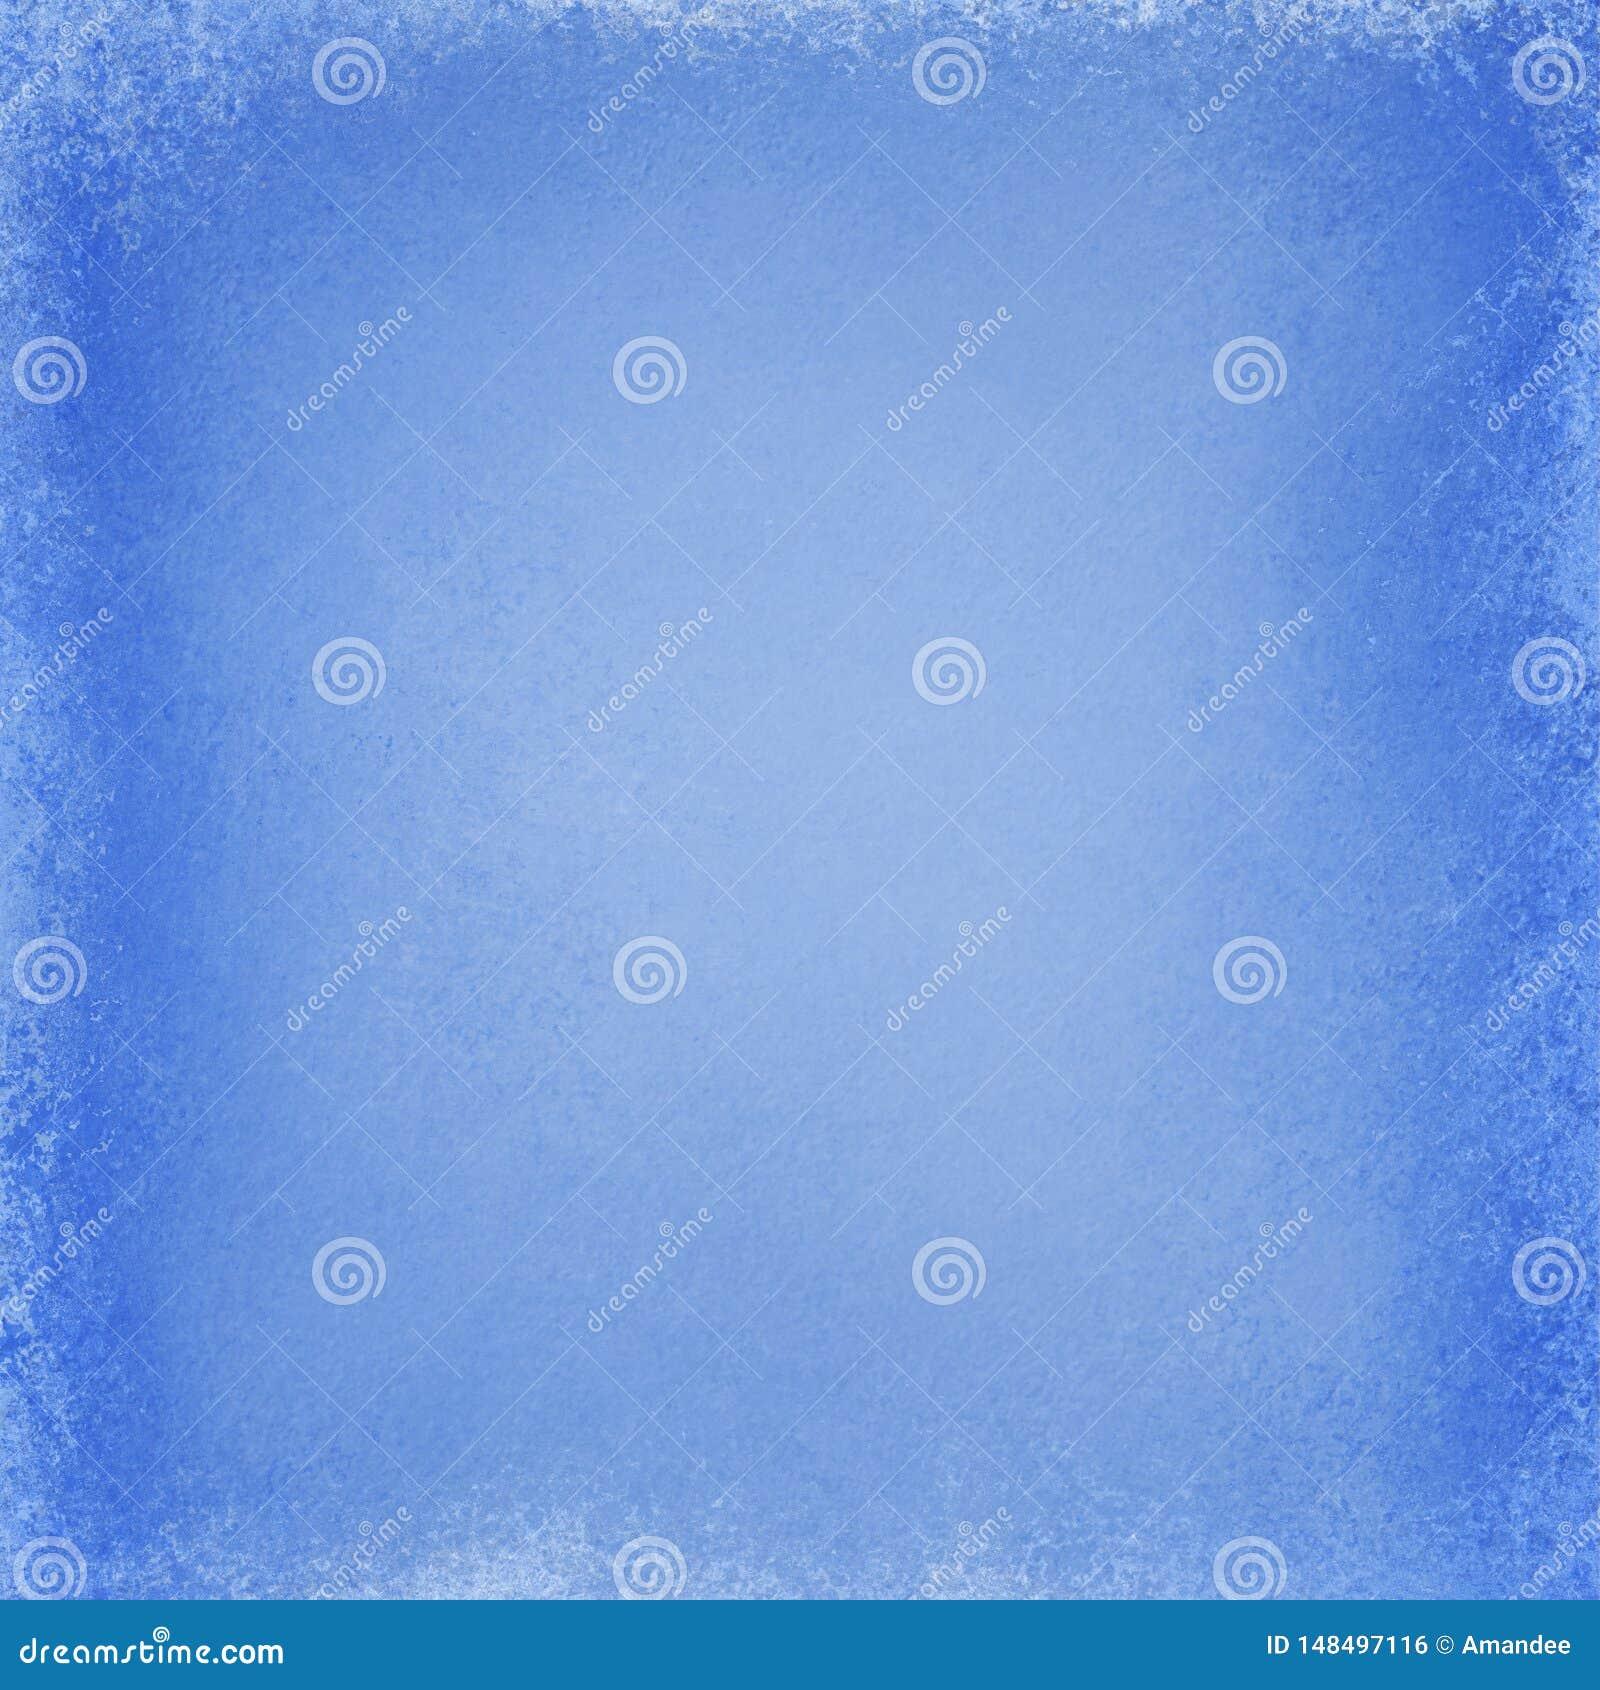 Το μπλε υπόβαθρο με τη σκούρο μπλε σύσταση και grunge οριοθετεί το σχέδιο, κομψή παλαιά κενή απεικόνιση εγγράφου